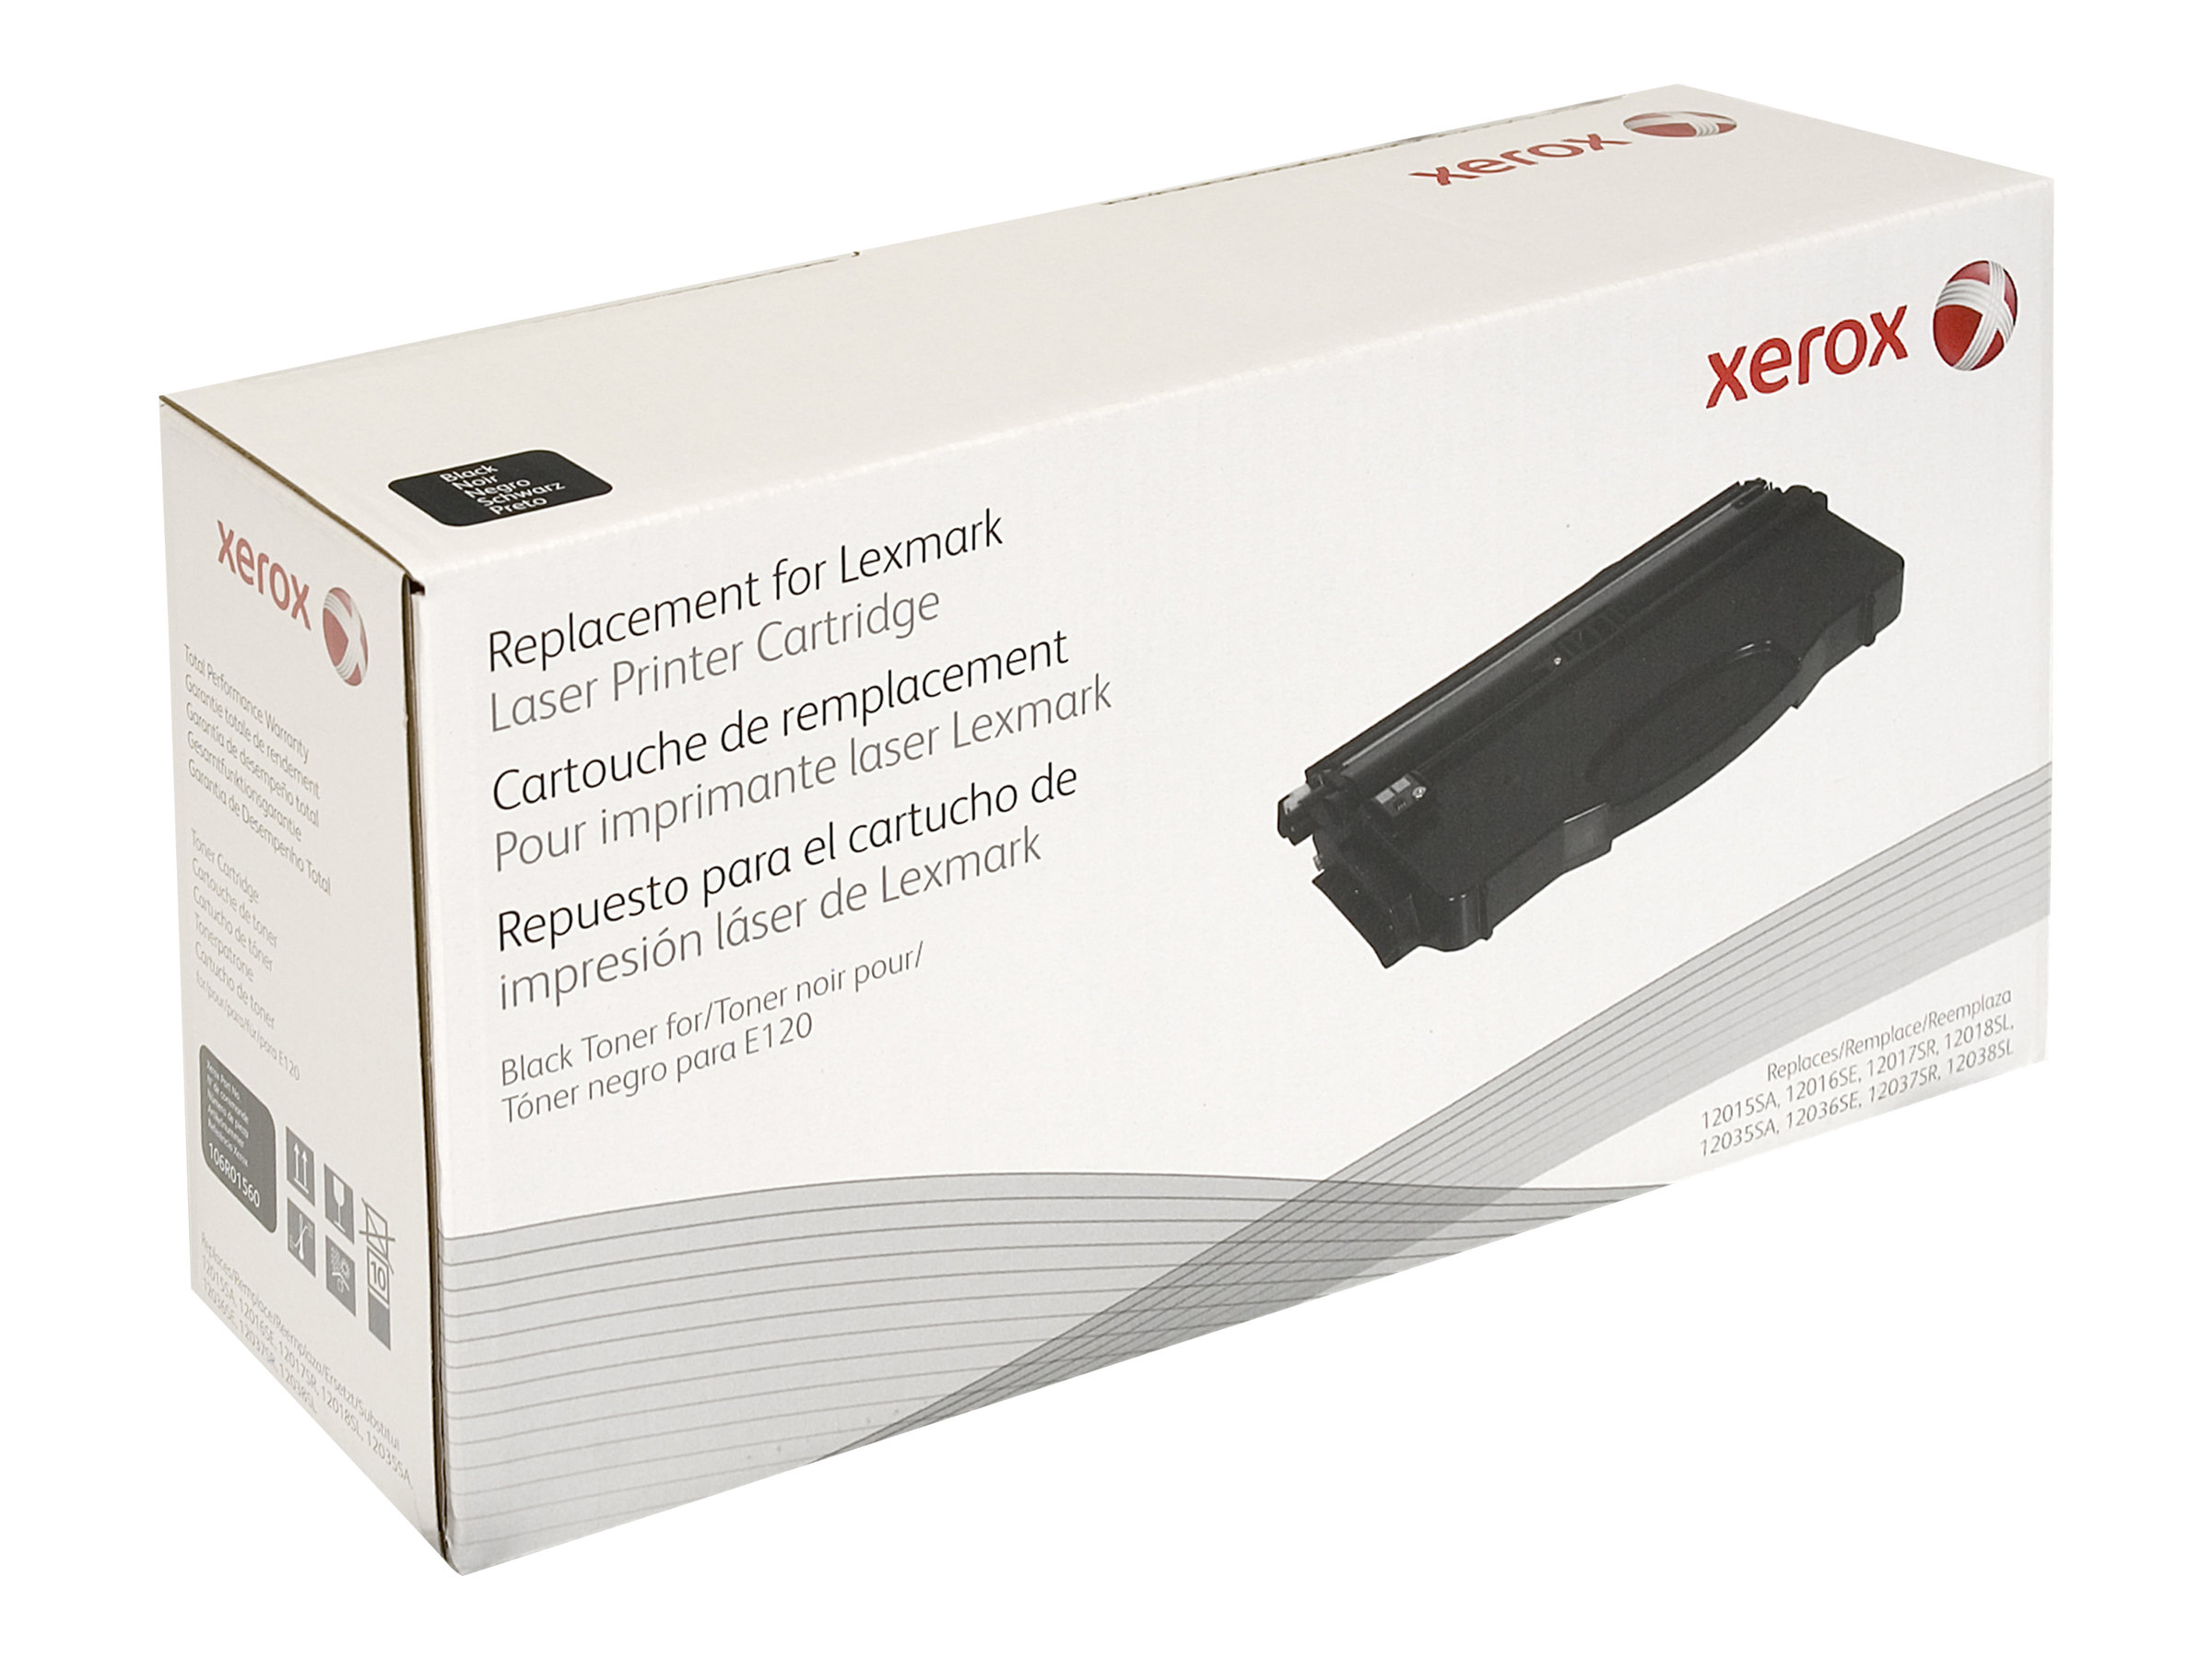 Xerox - noir - cartouche de toner (équivalent à : Lexmark 12016SE, Lexmark 12036SE )